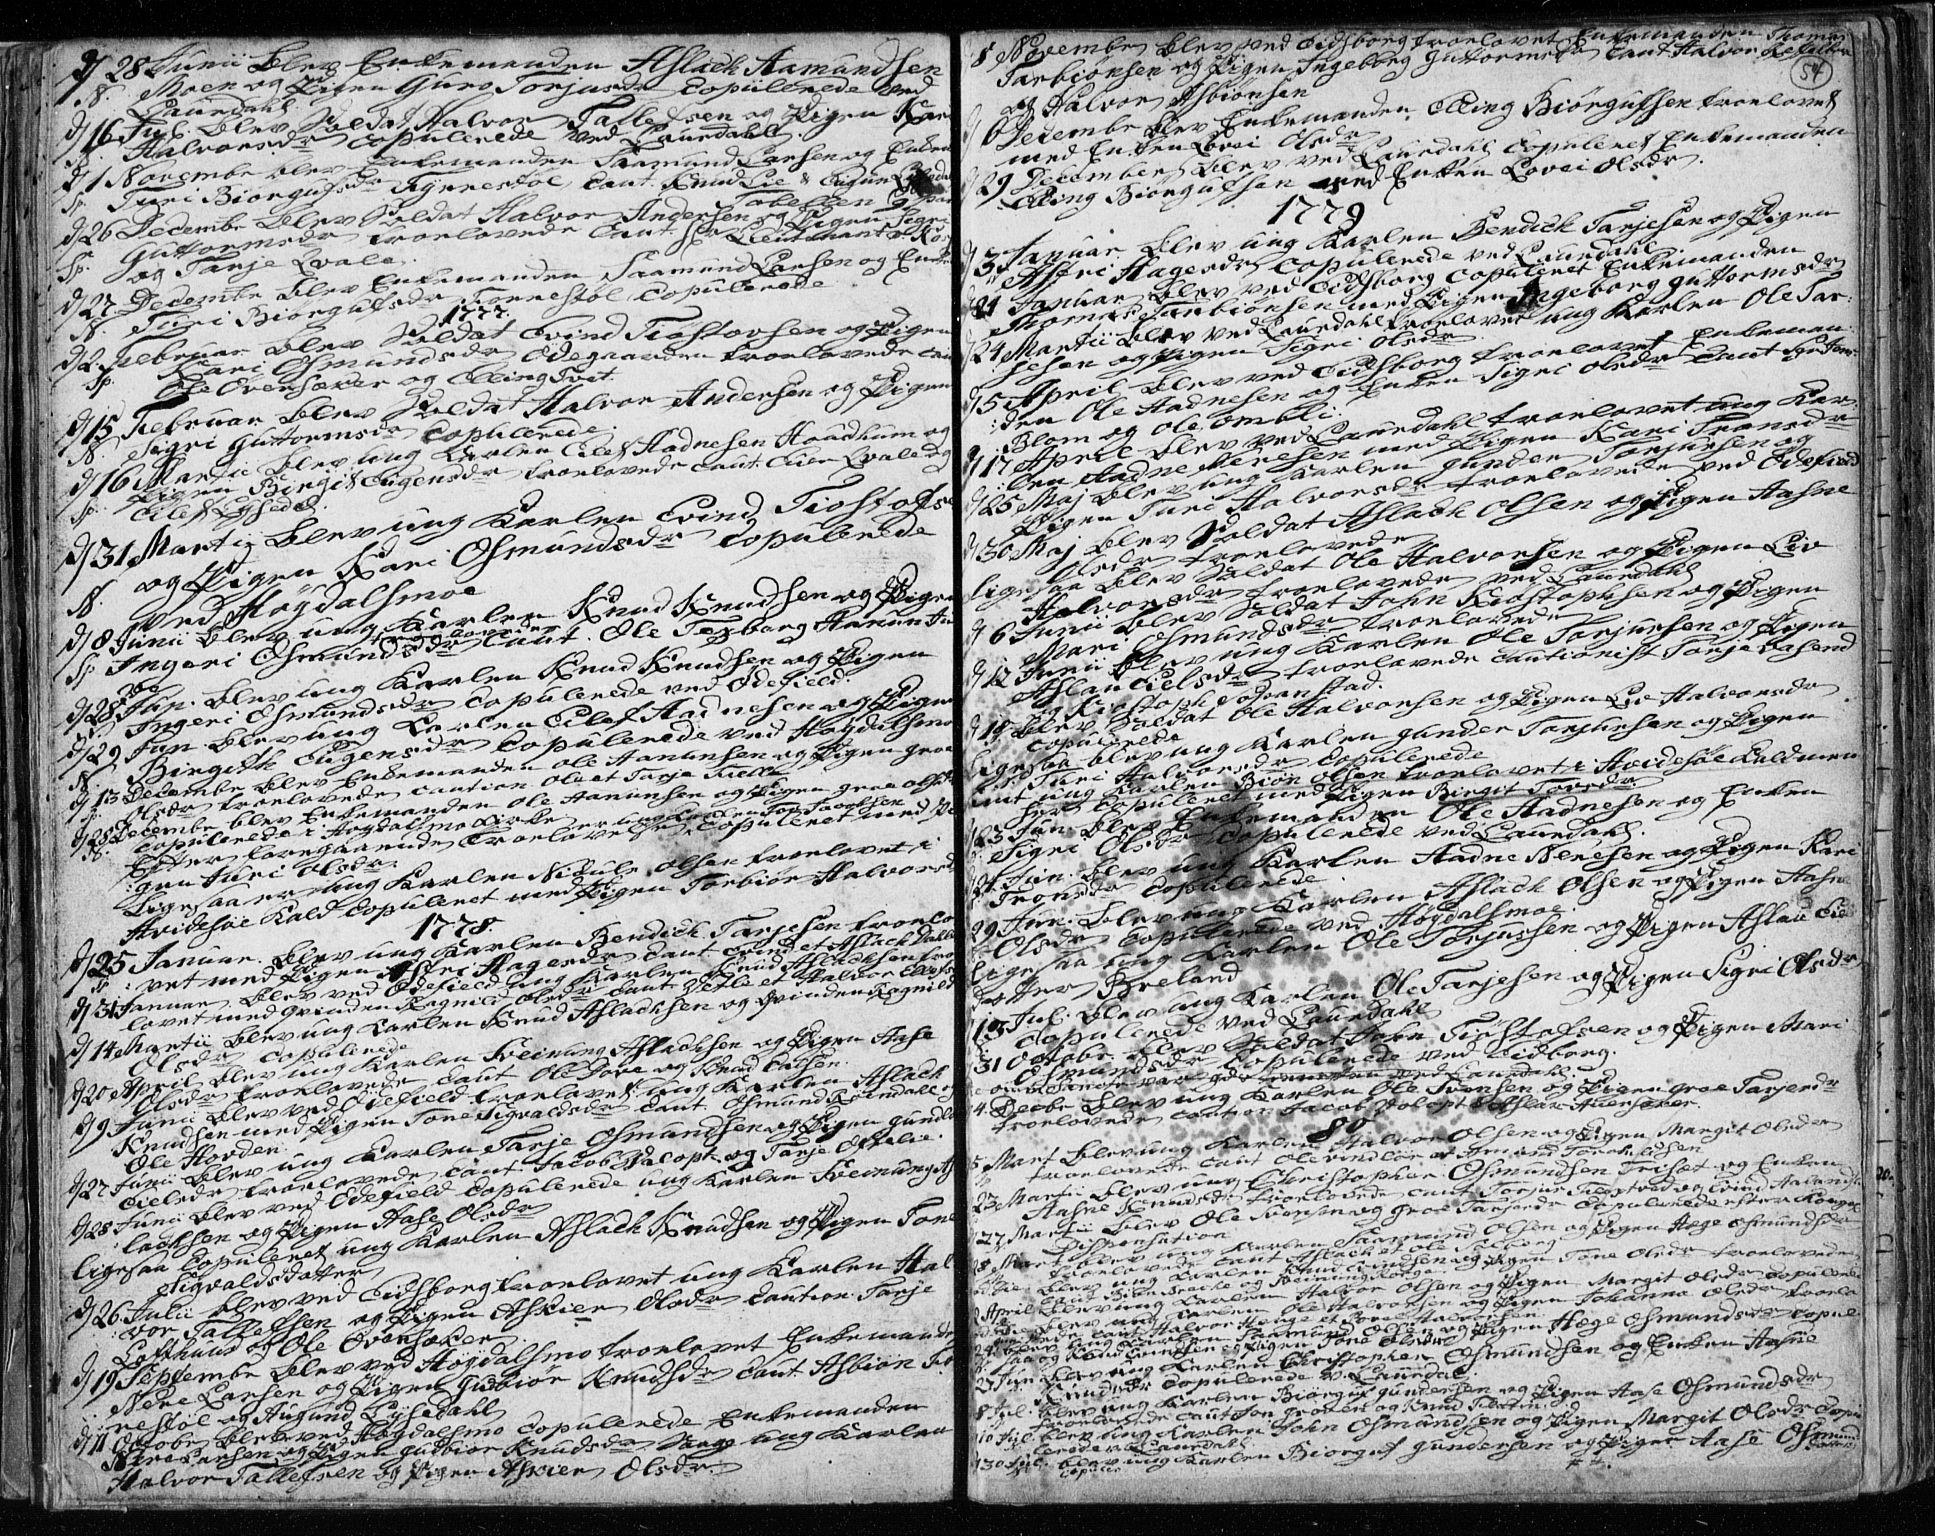 SAKO, Lårdal kirkebøker, F/Fa/L0003: Ministerialbok nr. I 3, 1754-1790, s. 54